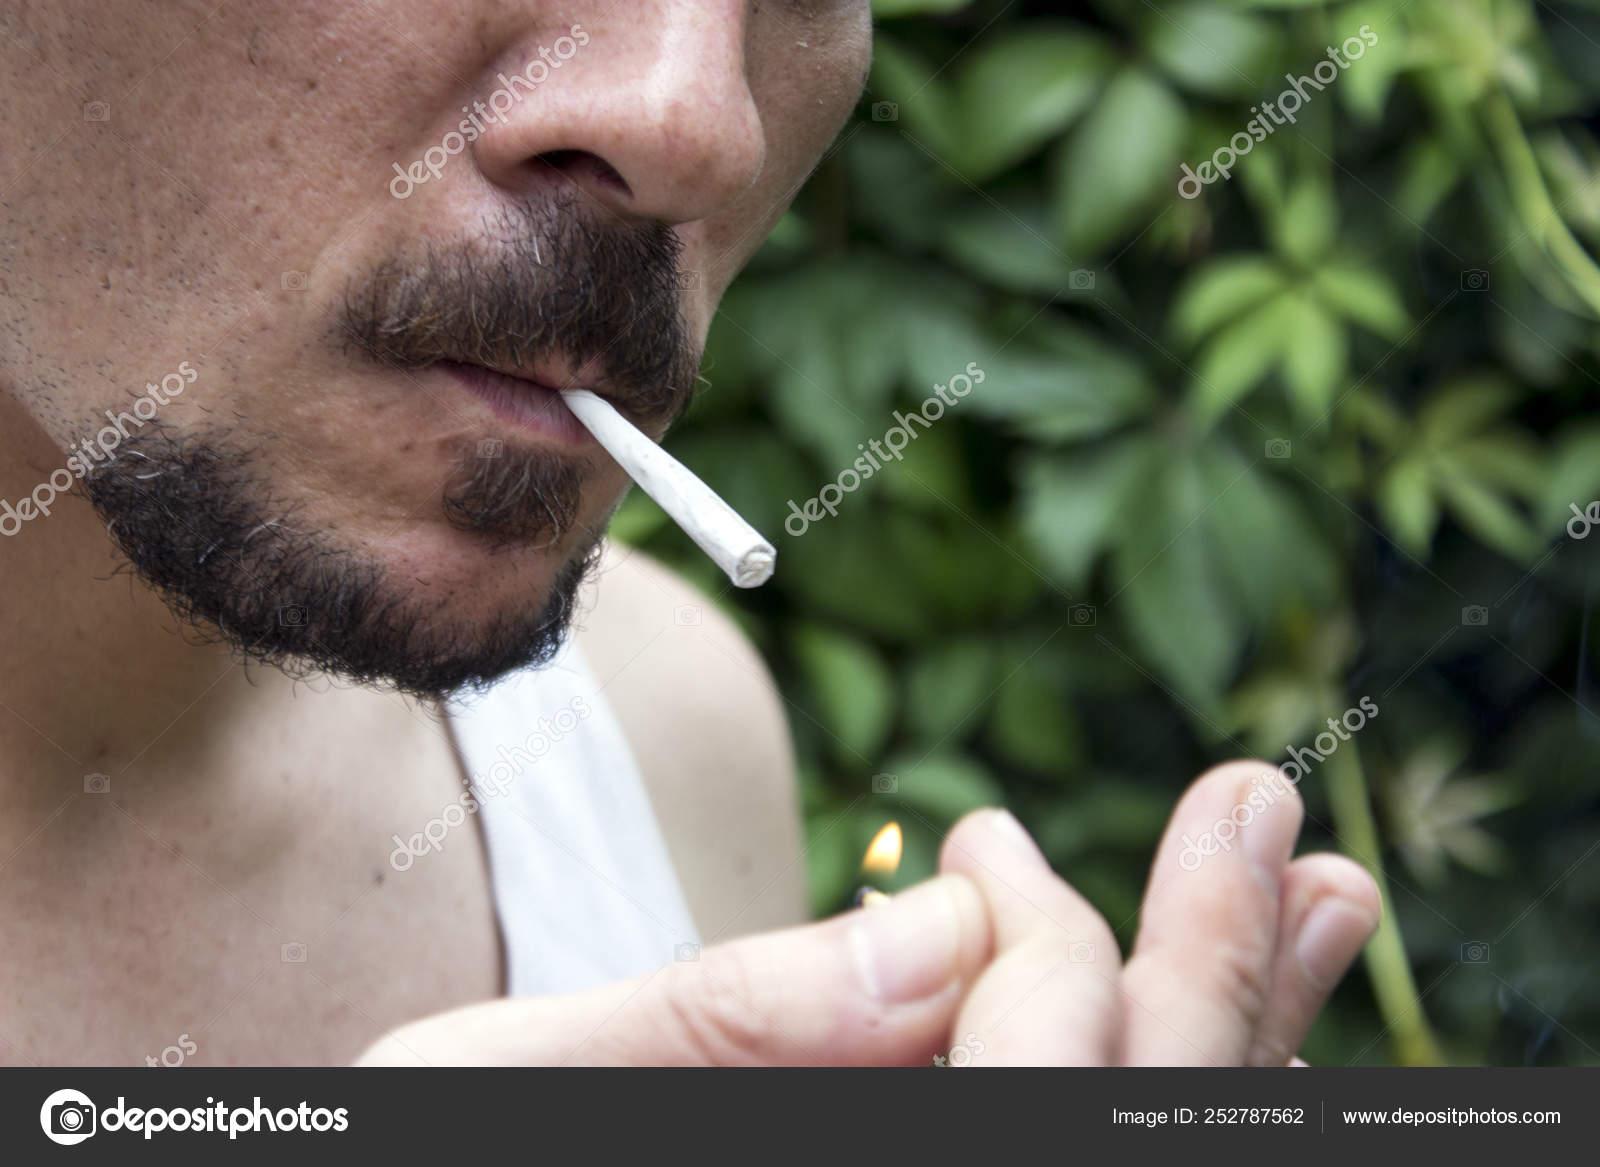 Великие люди курившие марихуану в суздале конопля